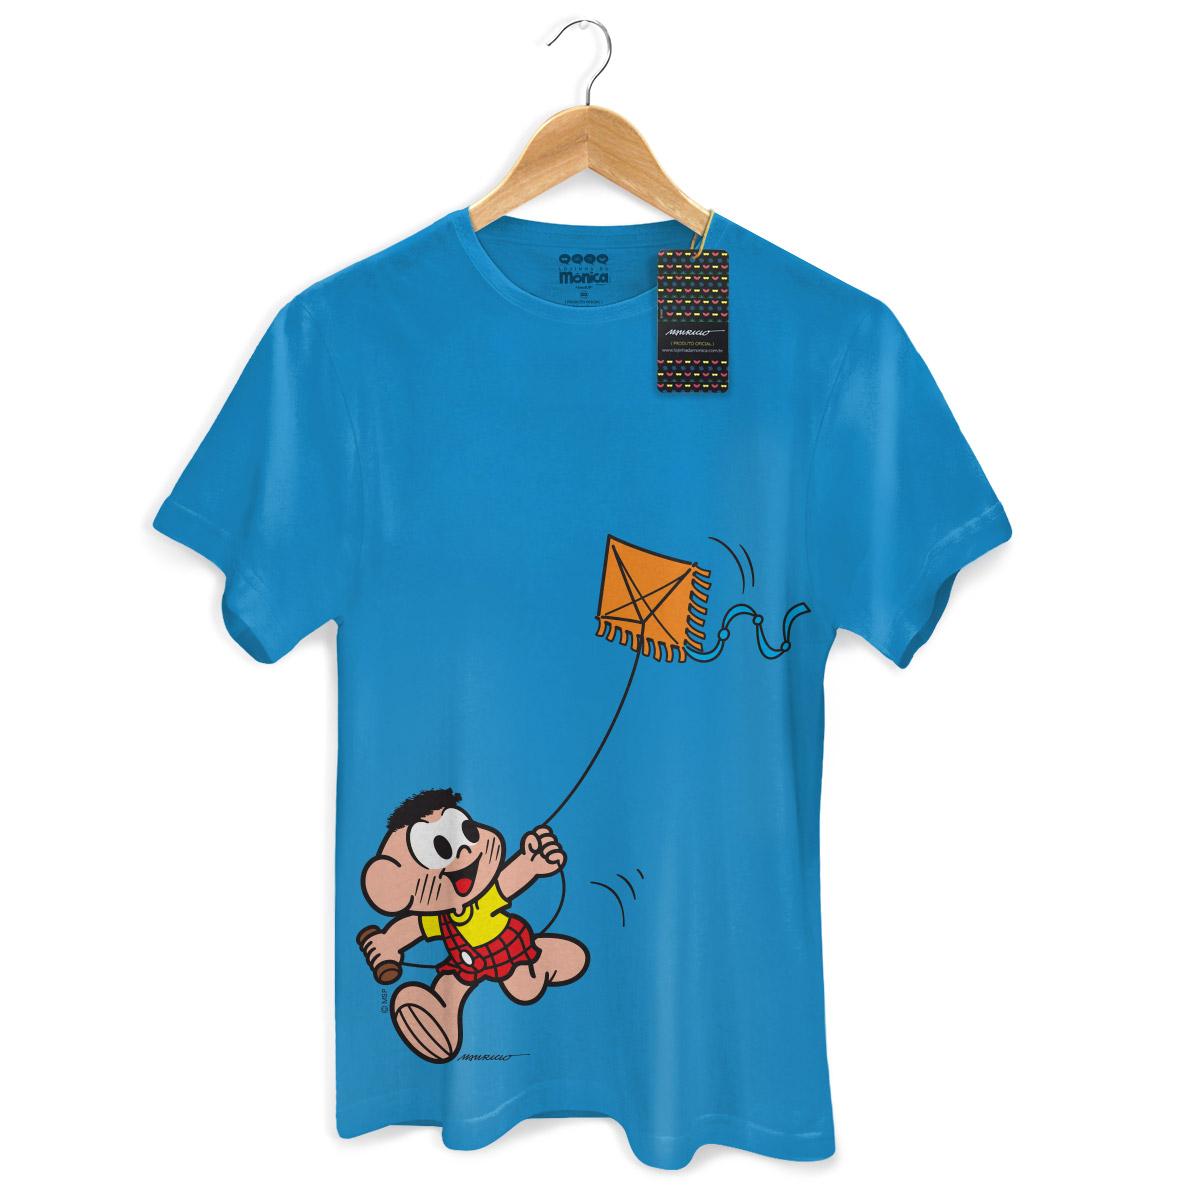 Camiseta Masculina Turma da Mônica Kids Cascão Soltando Pipa